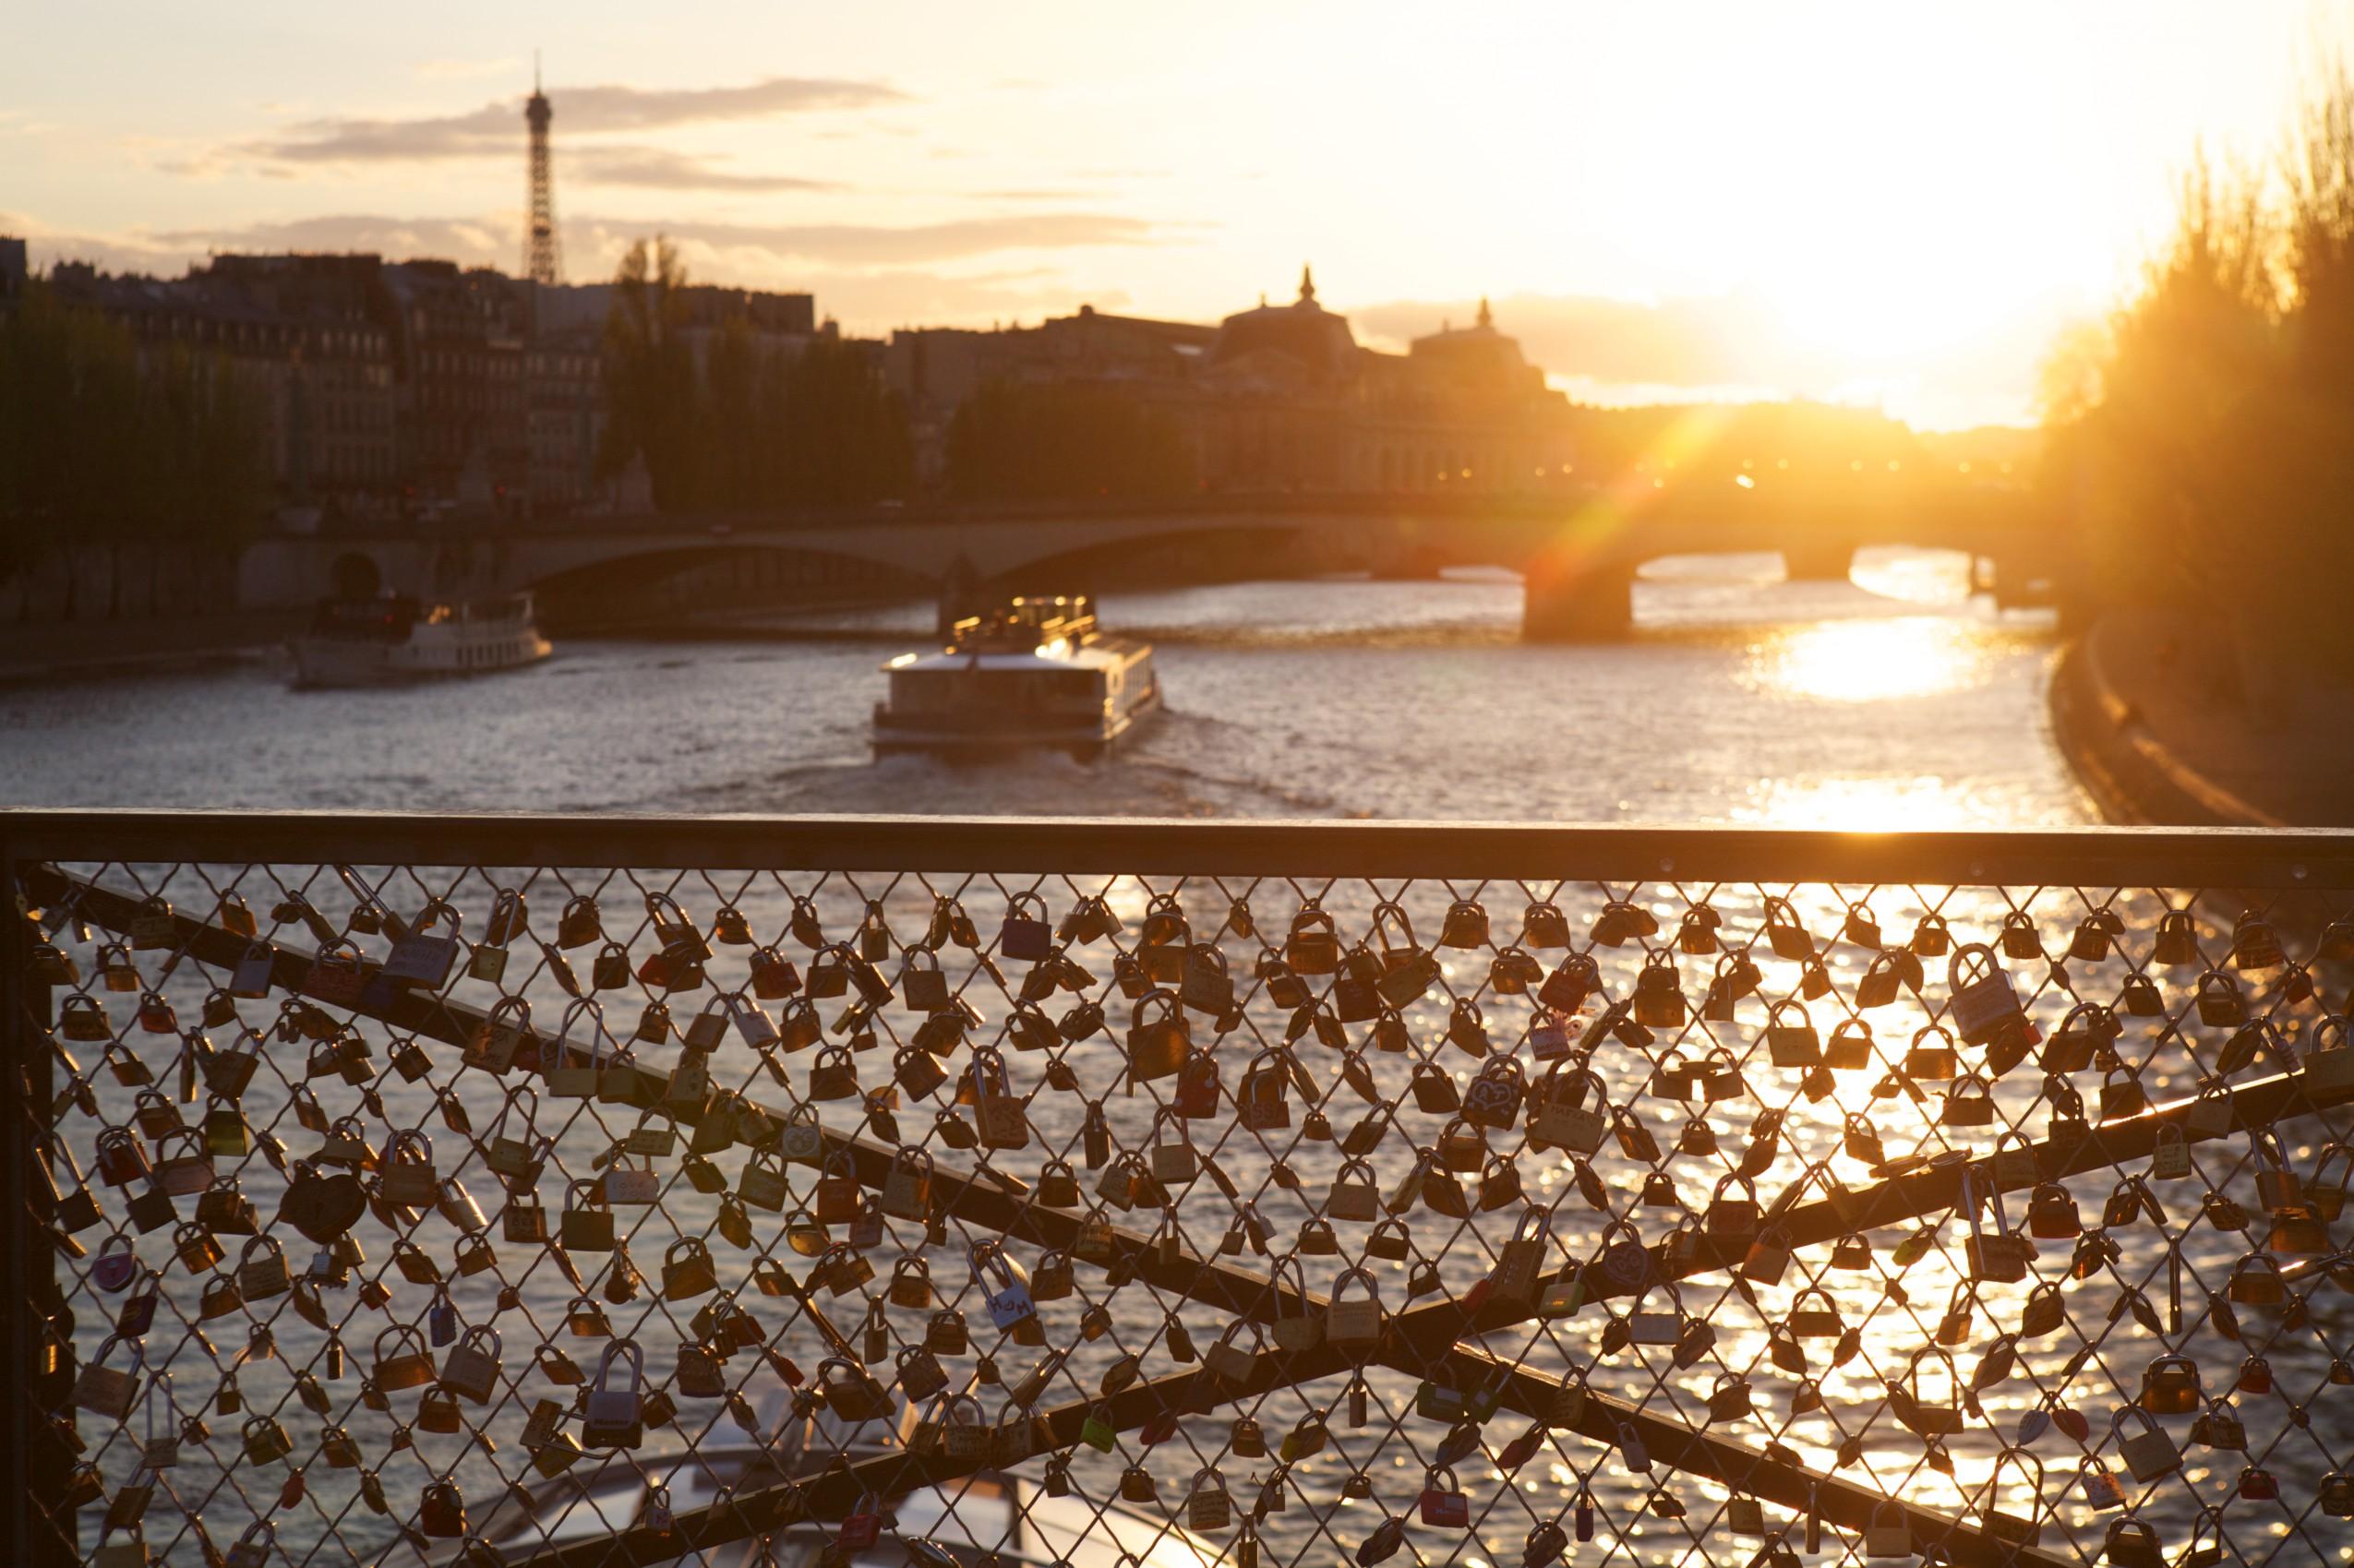 «Candados de amor eterno» en el Pont des Arts que acabará retirando un empleado del ayuntamiento con una cizalla. Fotografía: Corbis